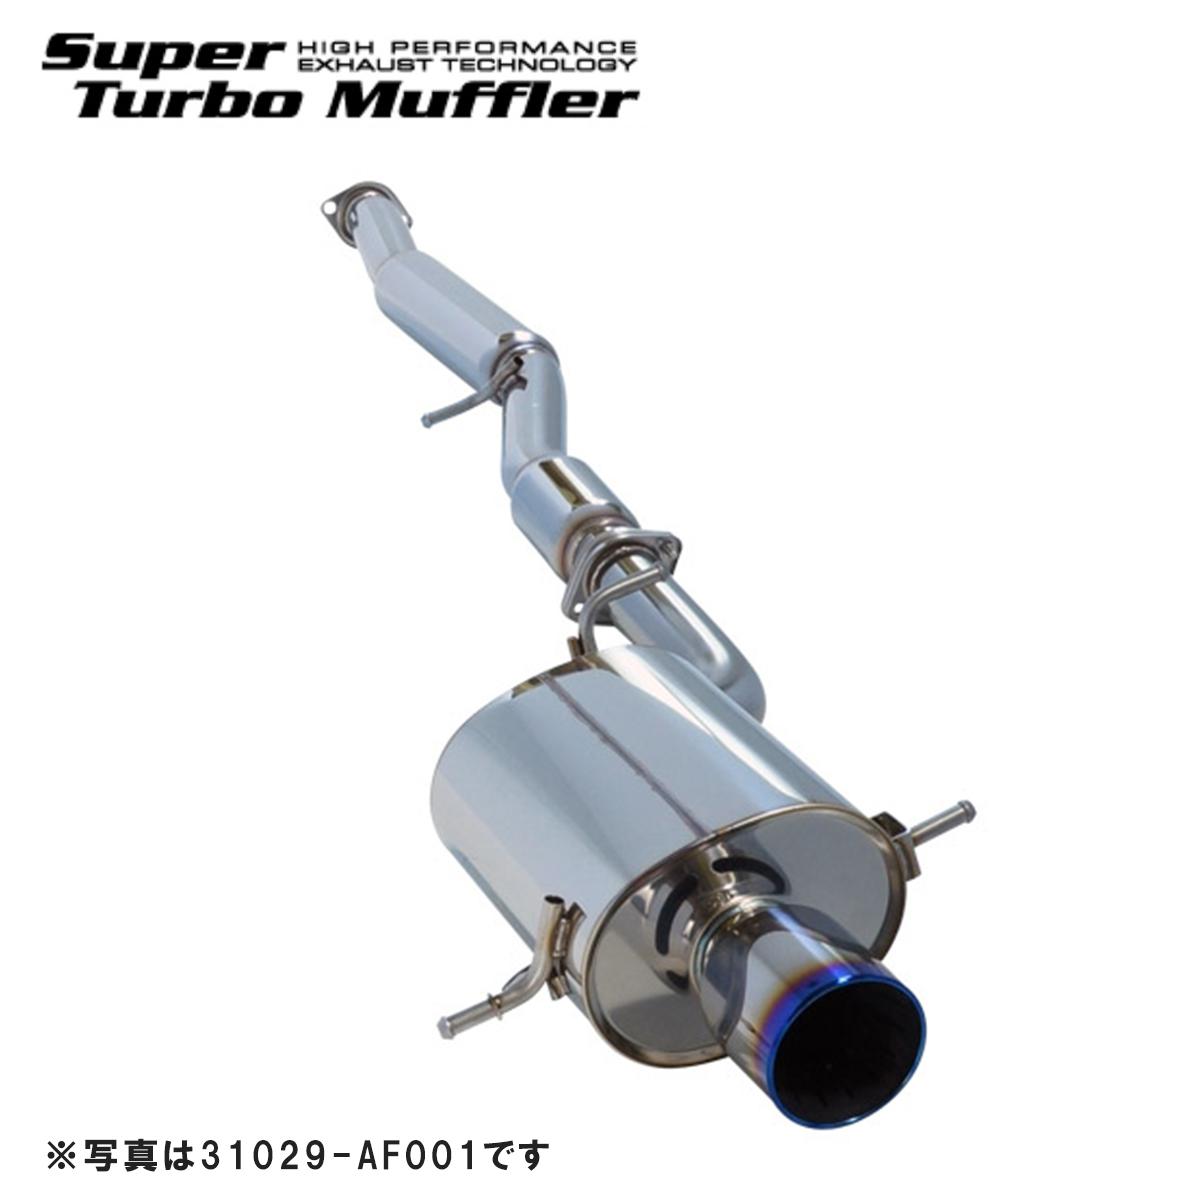 インプレッサ マフラー GH-GDB HKS 31029-AF001 スーパーターボマフラー 配送先条件有り